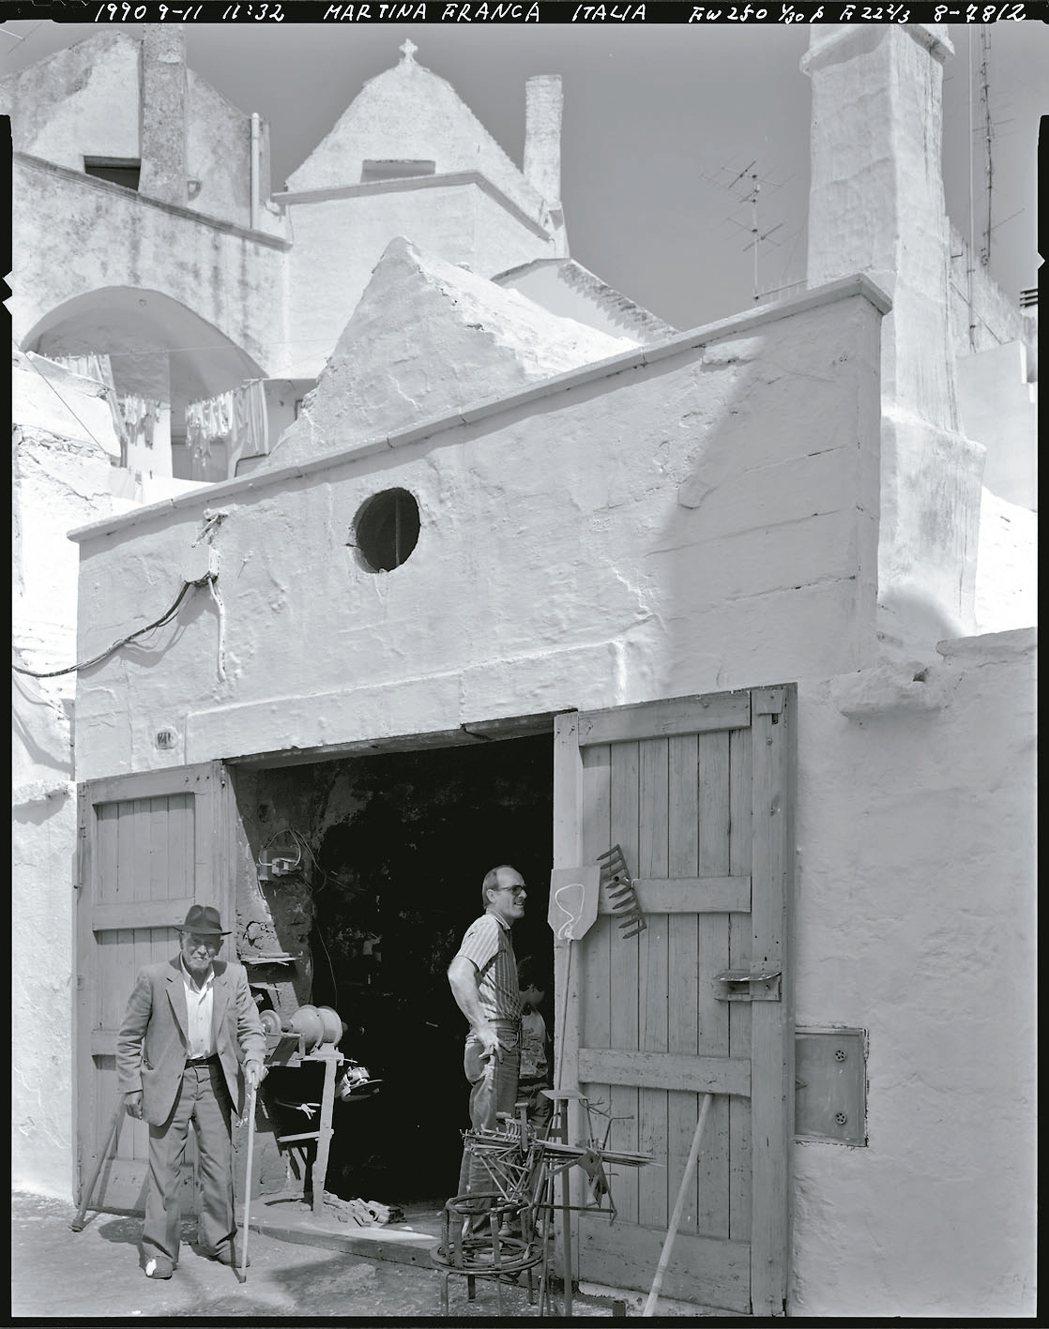 日本攝影家原直久(Naohisa Hara)1990年攝於義大利。 張蒼松˙圖片...